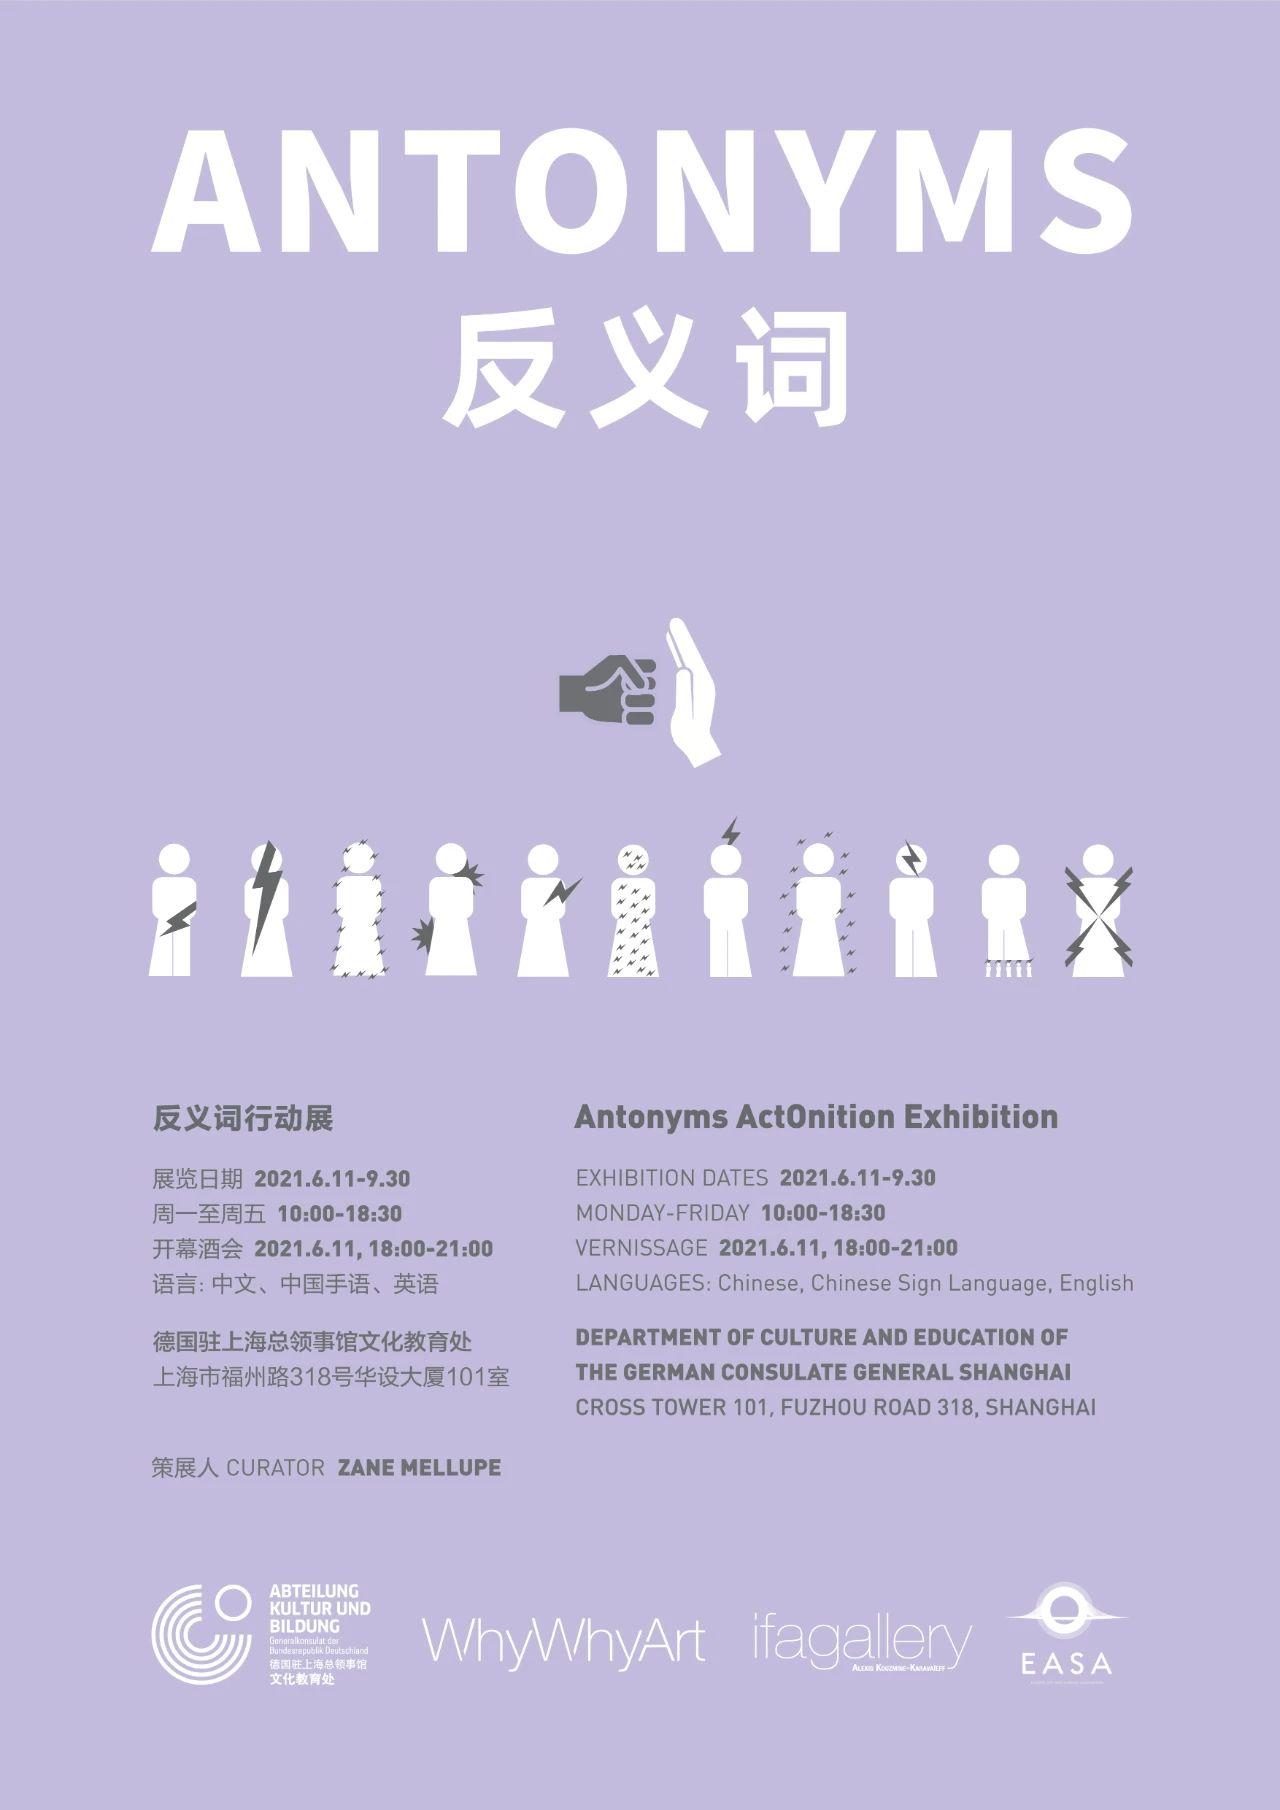 详情请关注德国驻上海总领事馆文化教育处微信公众号